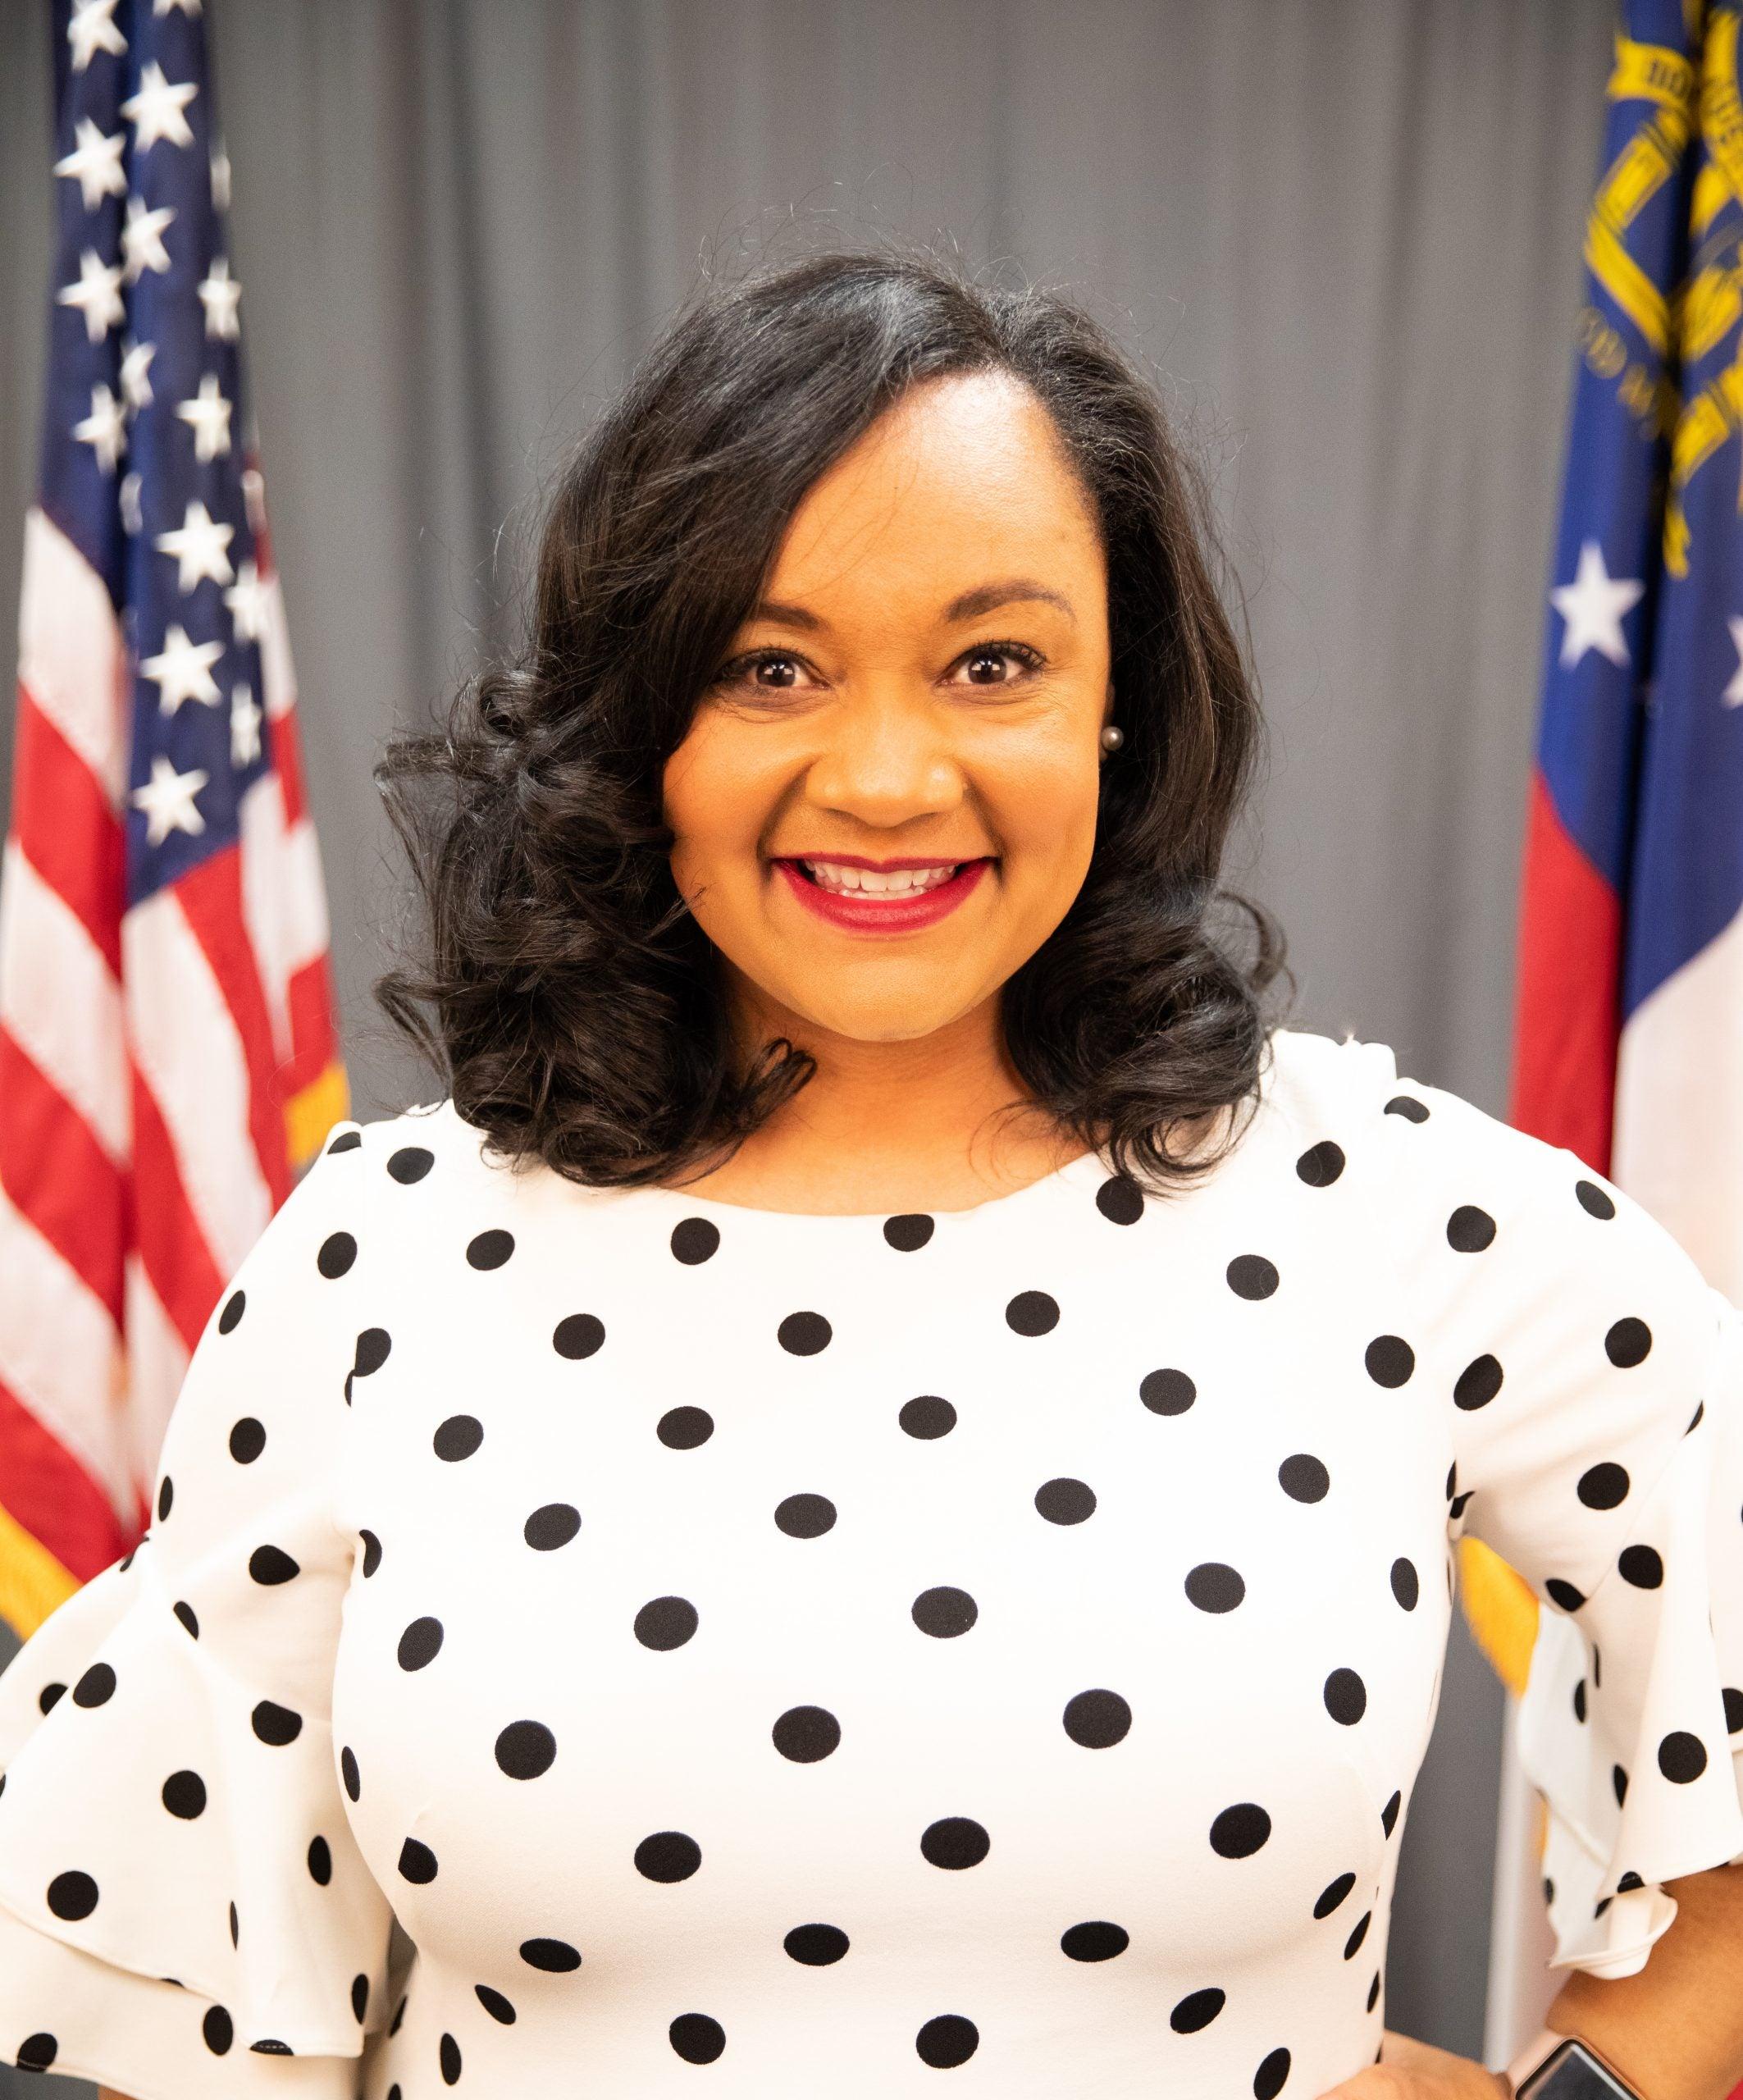 Georgia State Sen. Nikema Williams To Take Rep. John Lewis's Place On Nov. Ballot